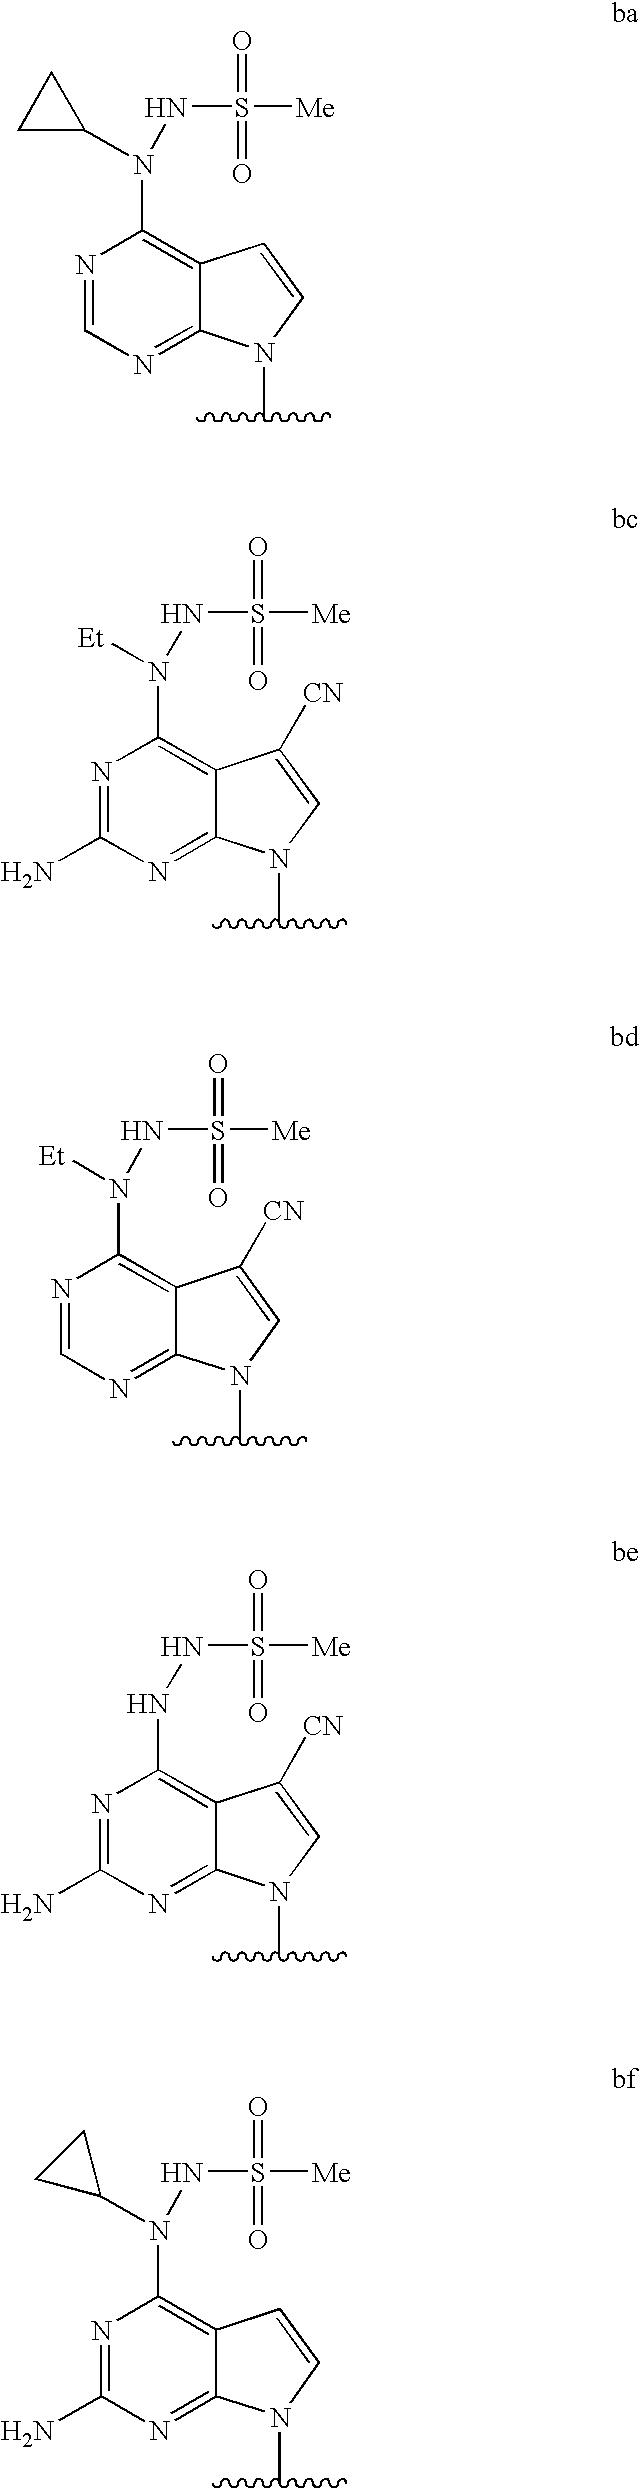 Figure US08173621-20120508-C00043